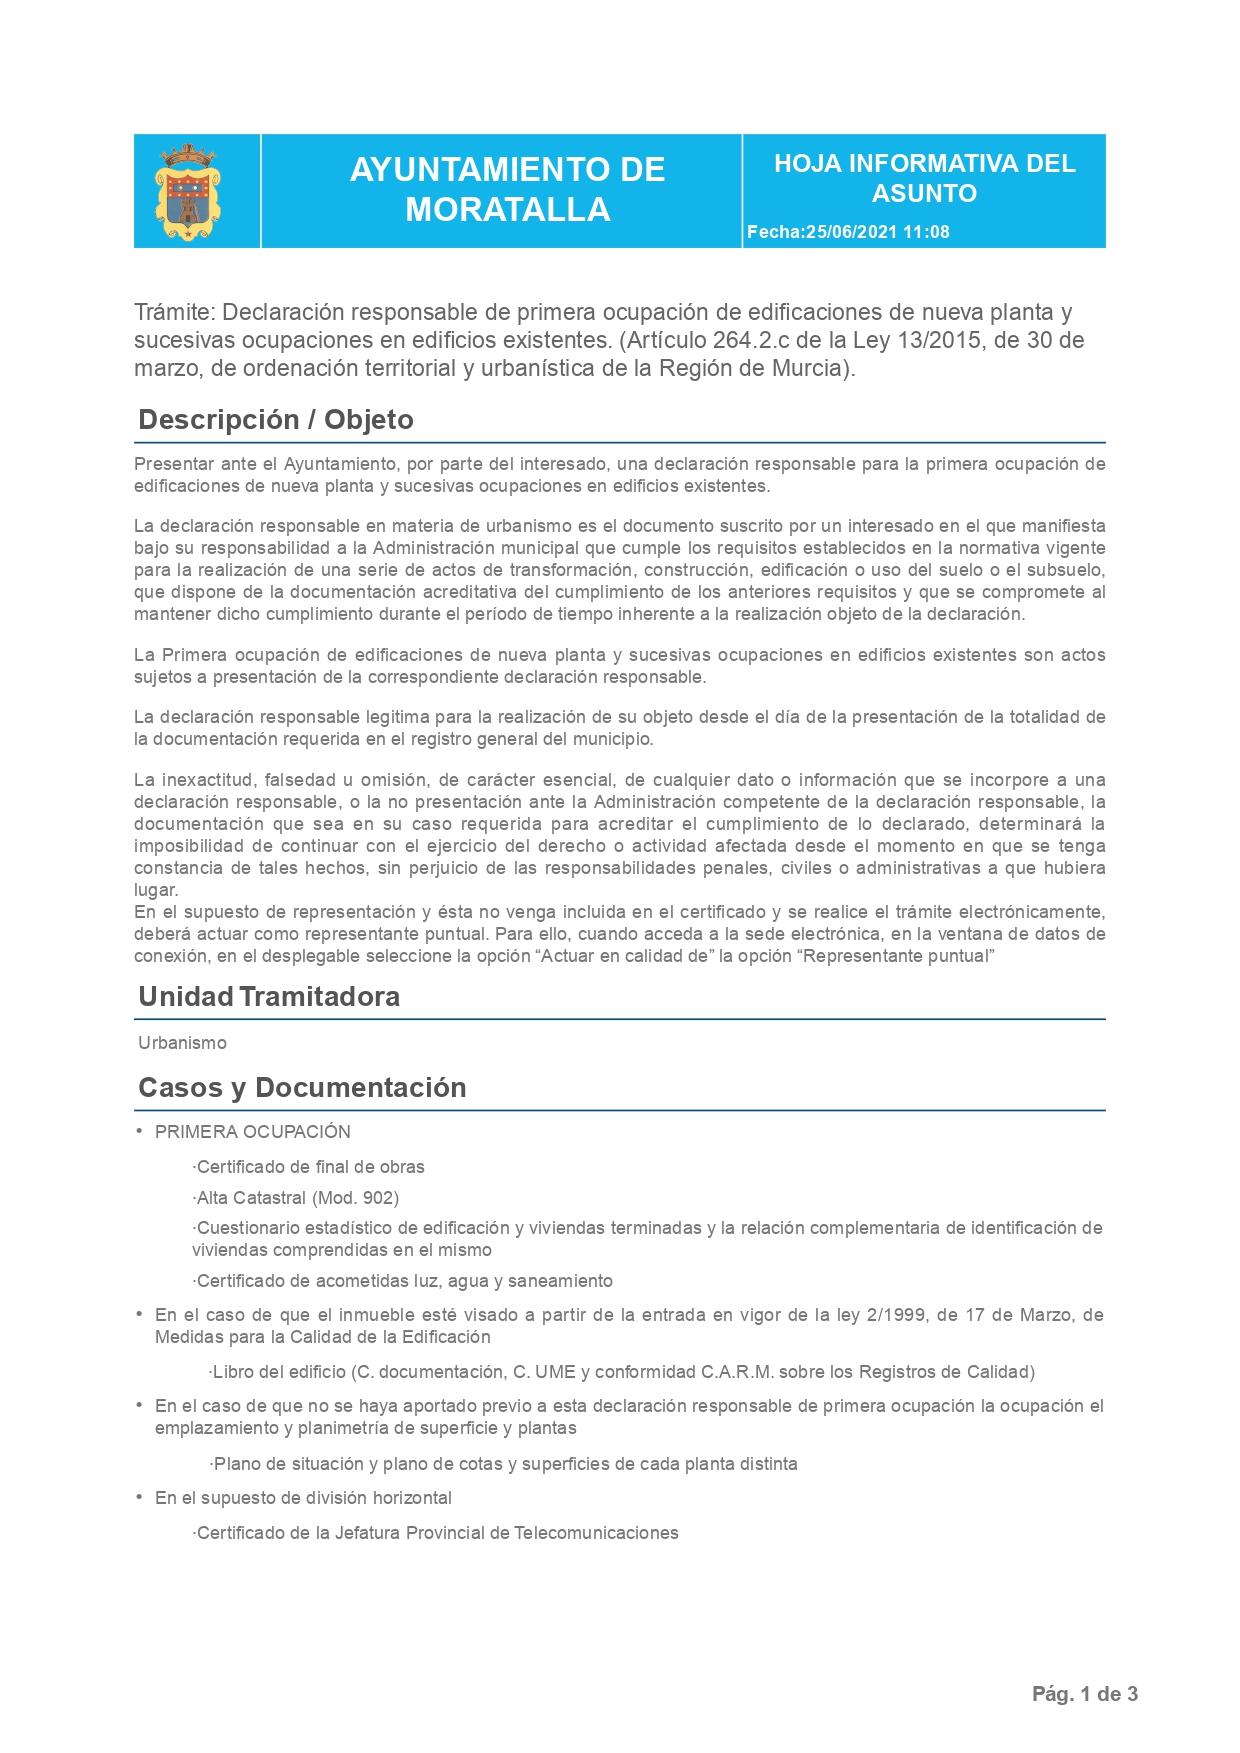 Declaración Responsable Segunda Ocupación y Cédula de Habitabilidad en Moratalla